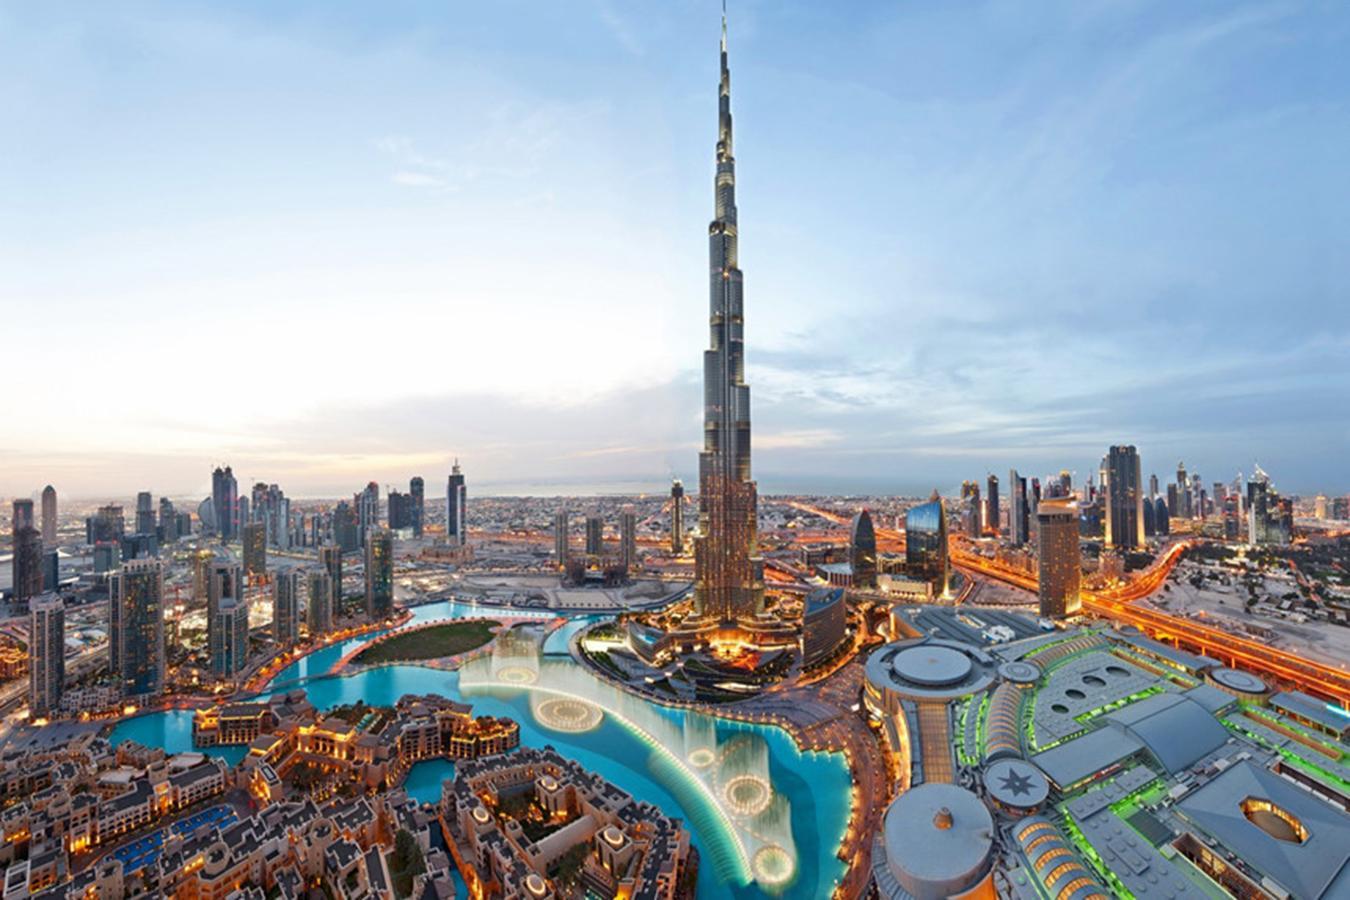 Lóa mắt trước khu chợ toàn bằng vàng ở UAE - Ảnh 12.